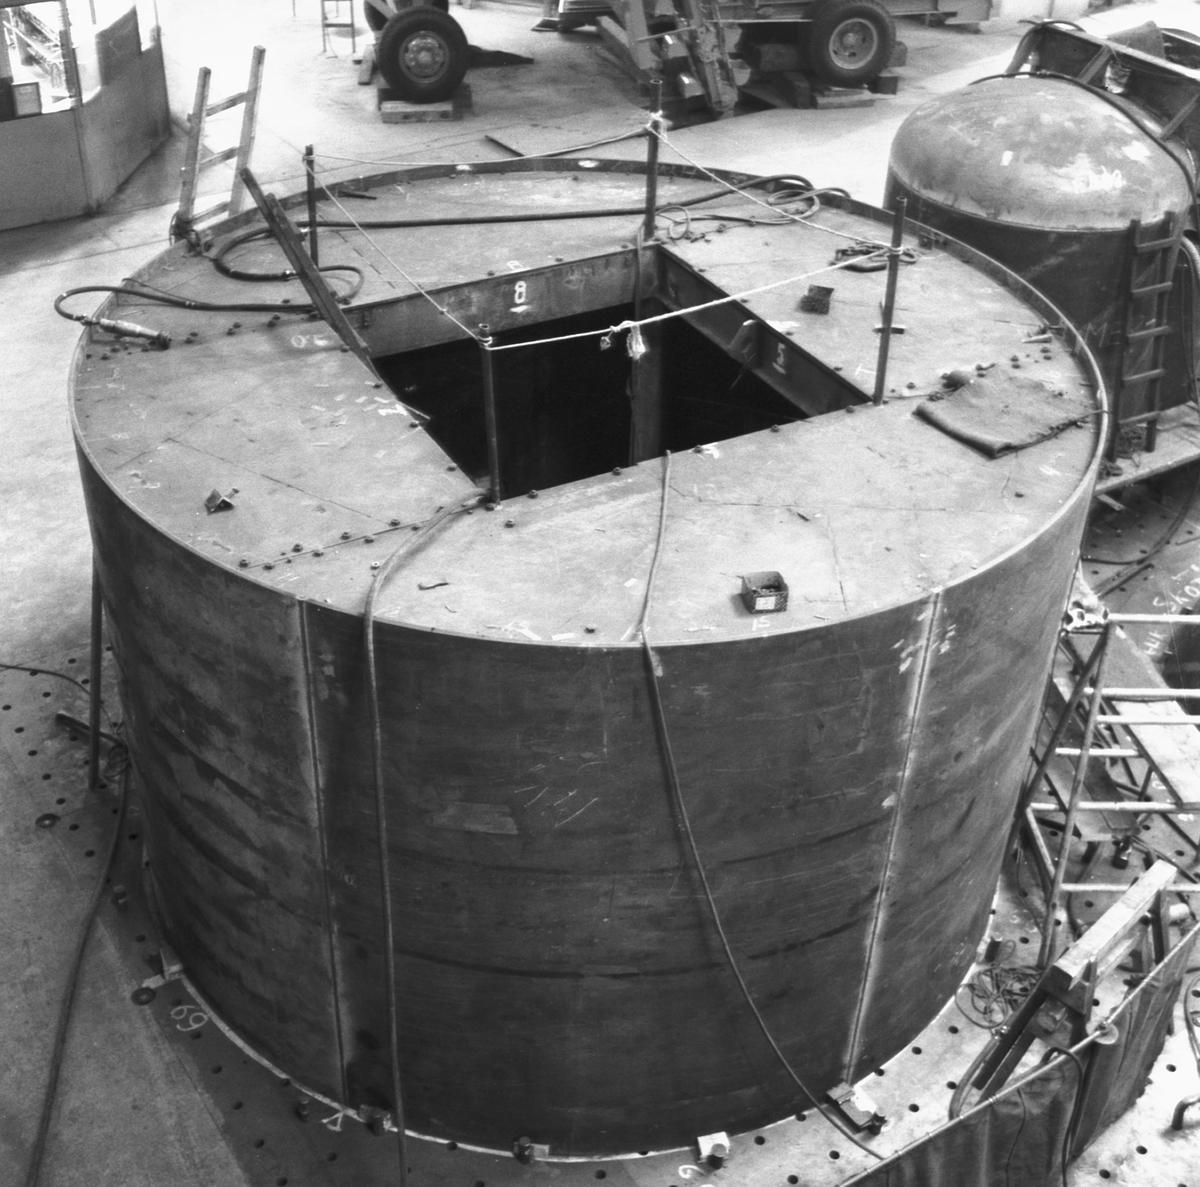 Rederi: Kungliga Flottan, Marinen Byggår: 1959 Varv: Örlogsvarvet, Karlskrona Övrigt: Ubåt under byggnad i plåtverkstaden.